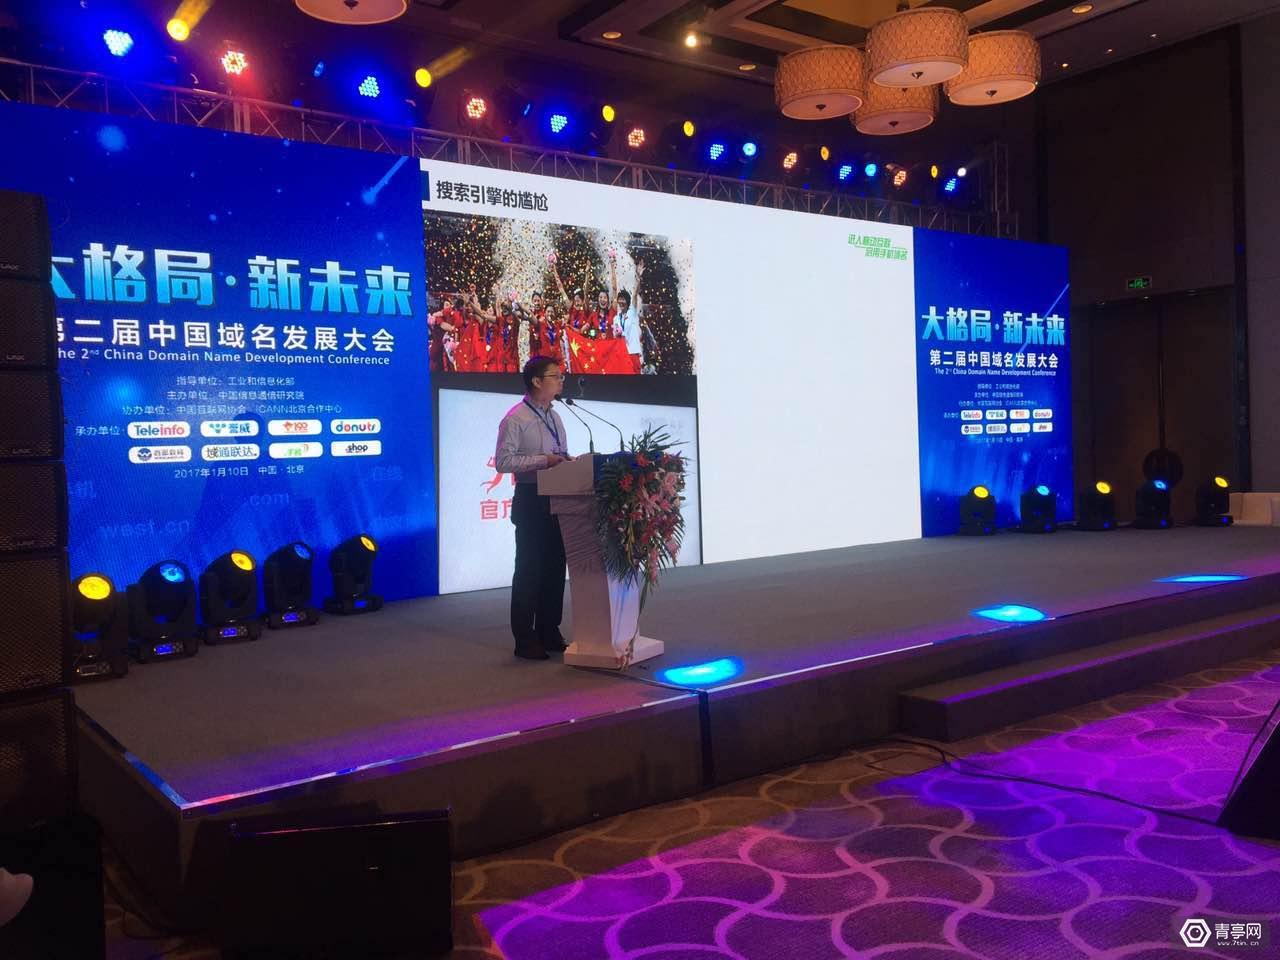 中国通信院发布互联网发展趋势报告:虚拟现实有望重构互联网下一代计算平台